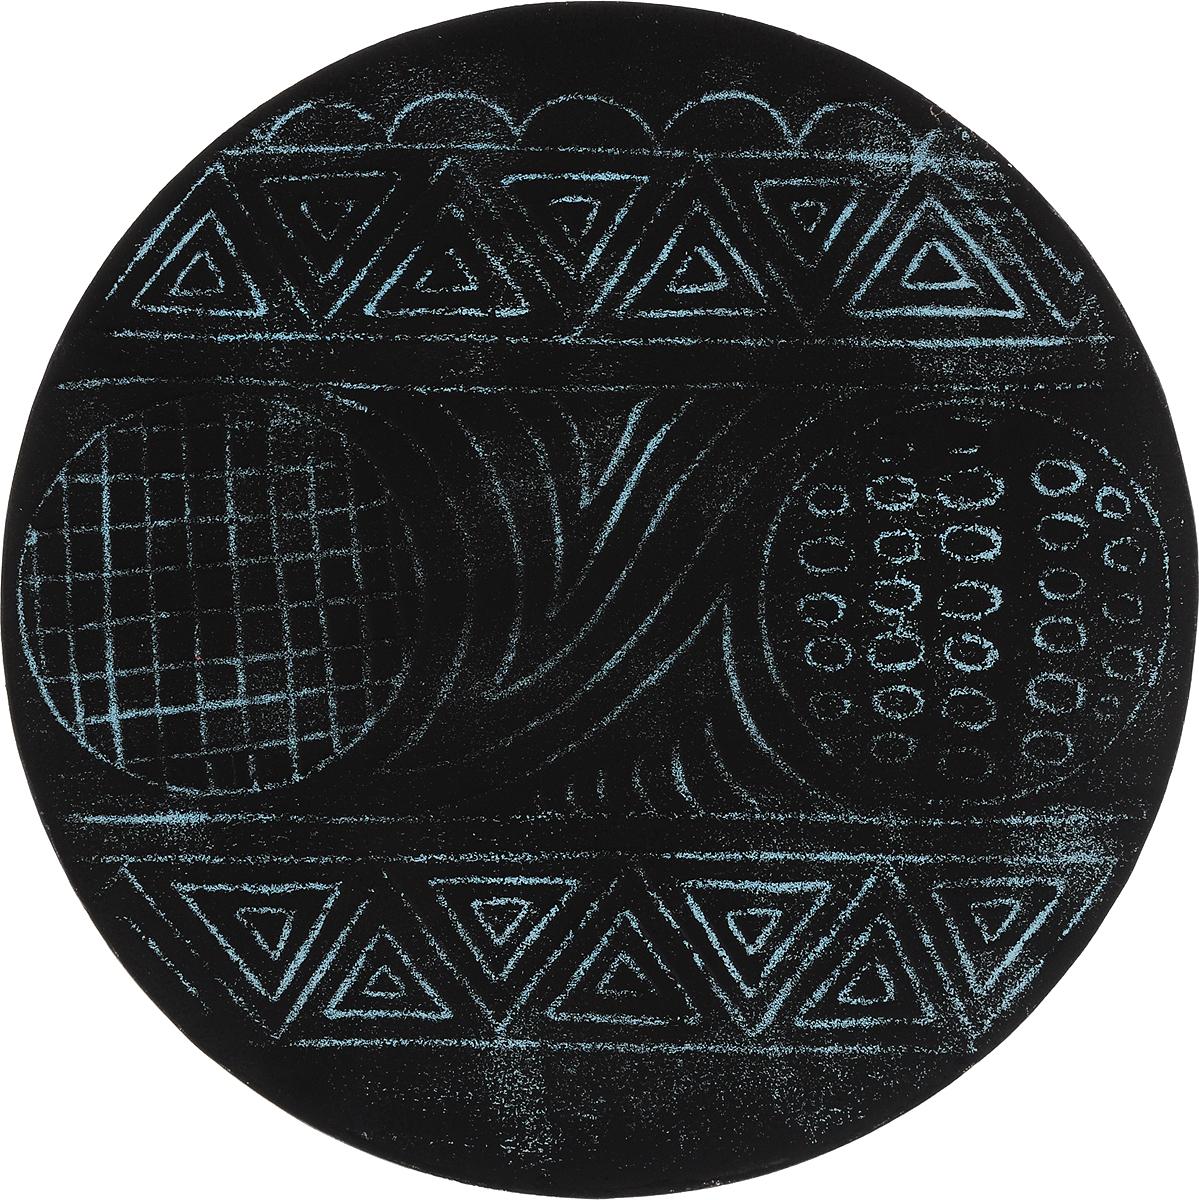 Тарелка декоративная House & Holder, диаметр 22 смFS-91909Тарелка House & Holder выполнена из высококачественной керамики. Тарелка круглой формы украшена оригинальным принтом. Она сочетает в себе оригинальный дизайн с максимальной функциональностью.Диаметр тарелки: 22 см.Высота: 2,2 см.